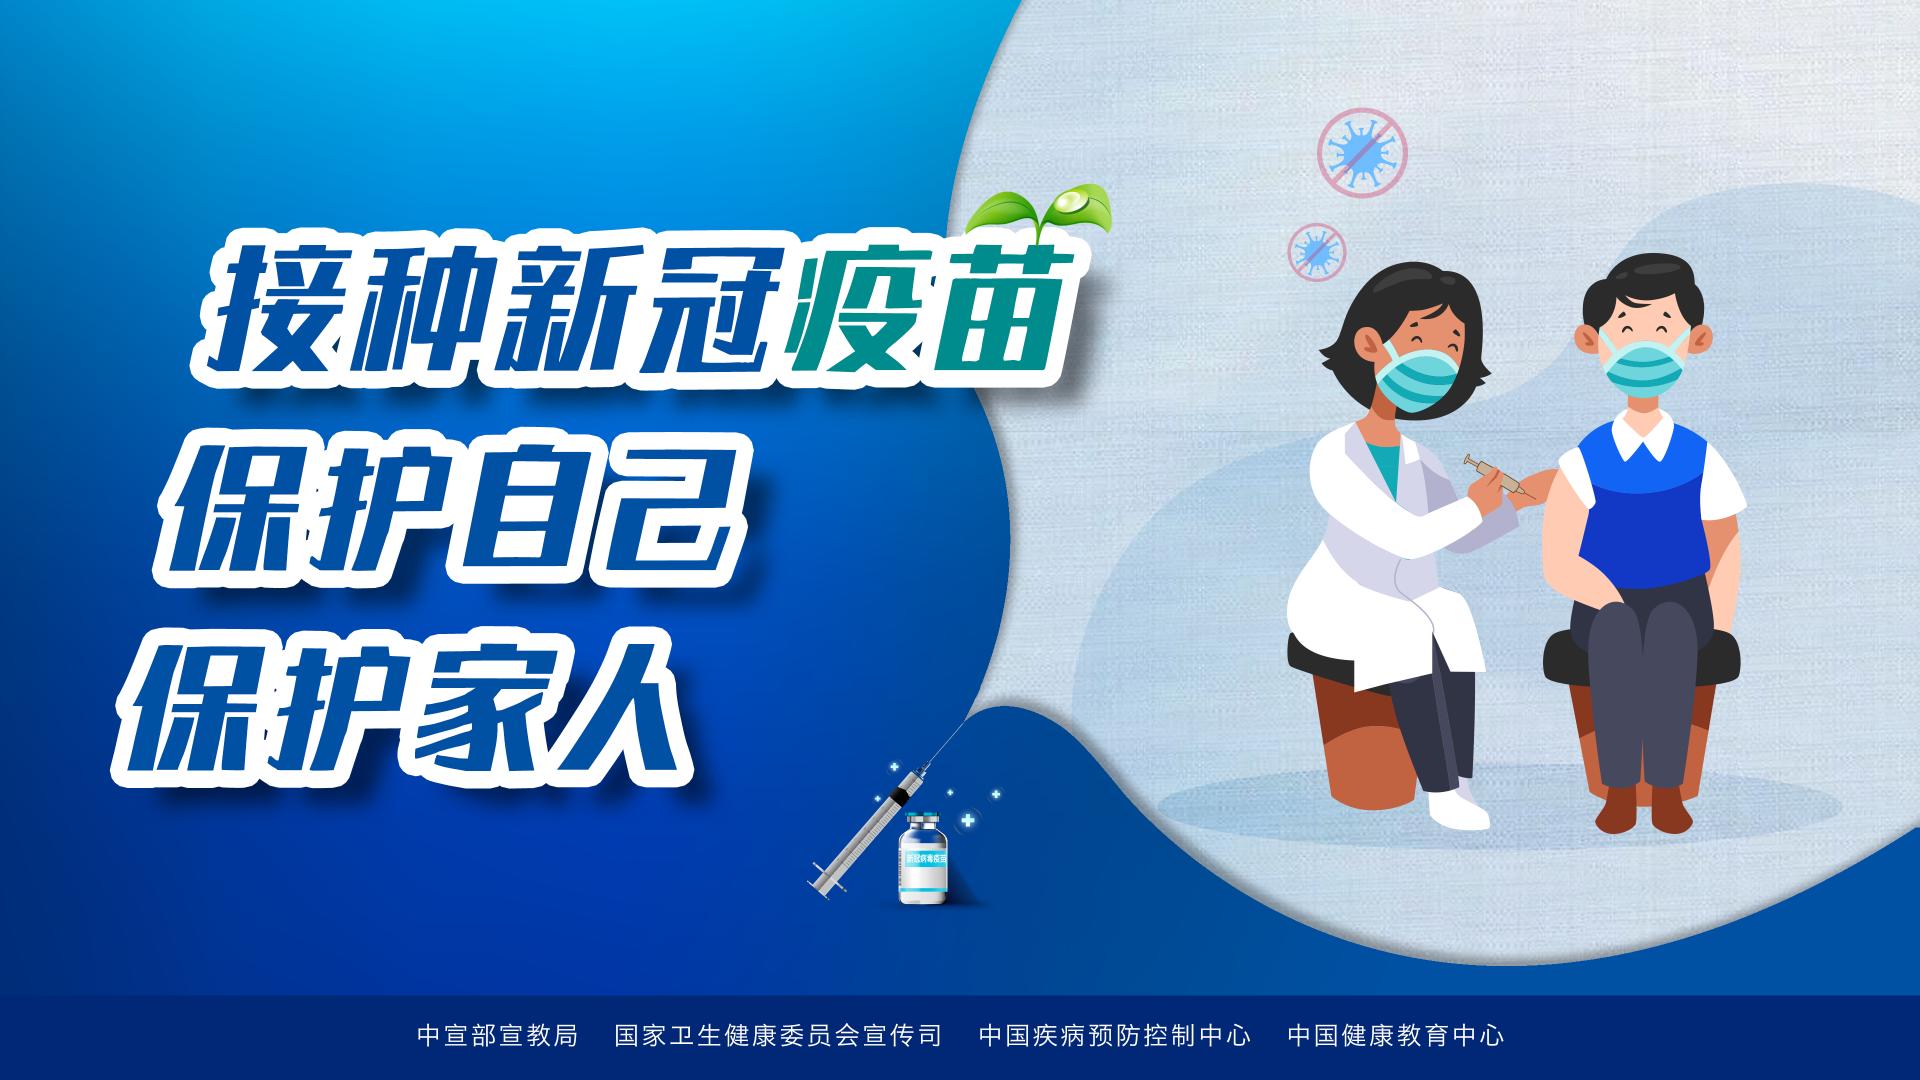 新冠病毒疫苗接种系列海报请查收→